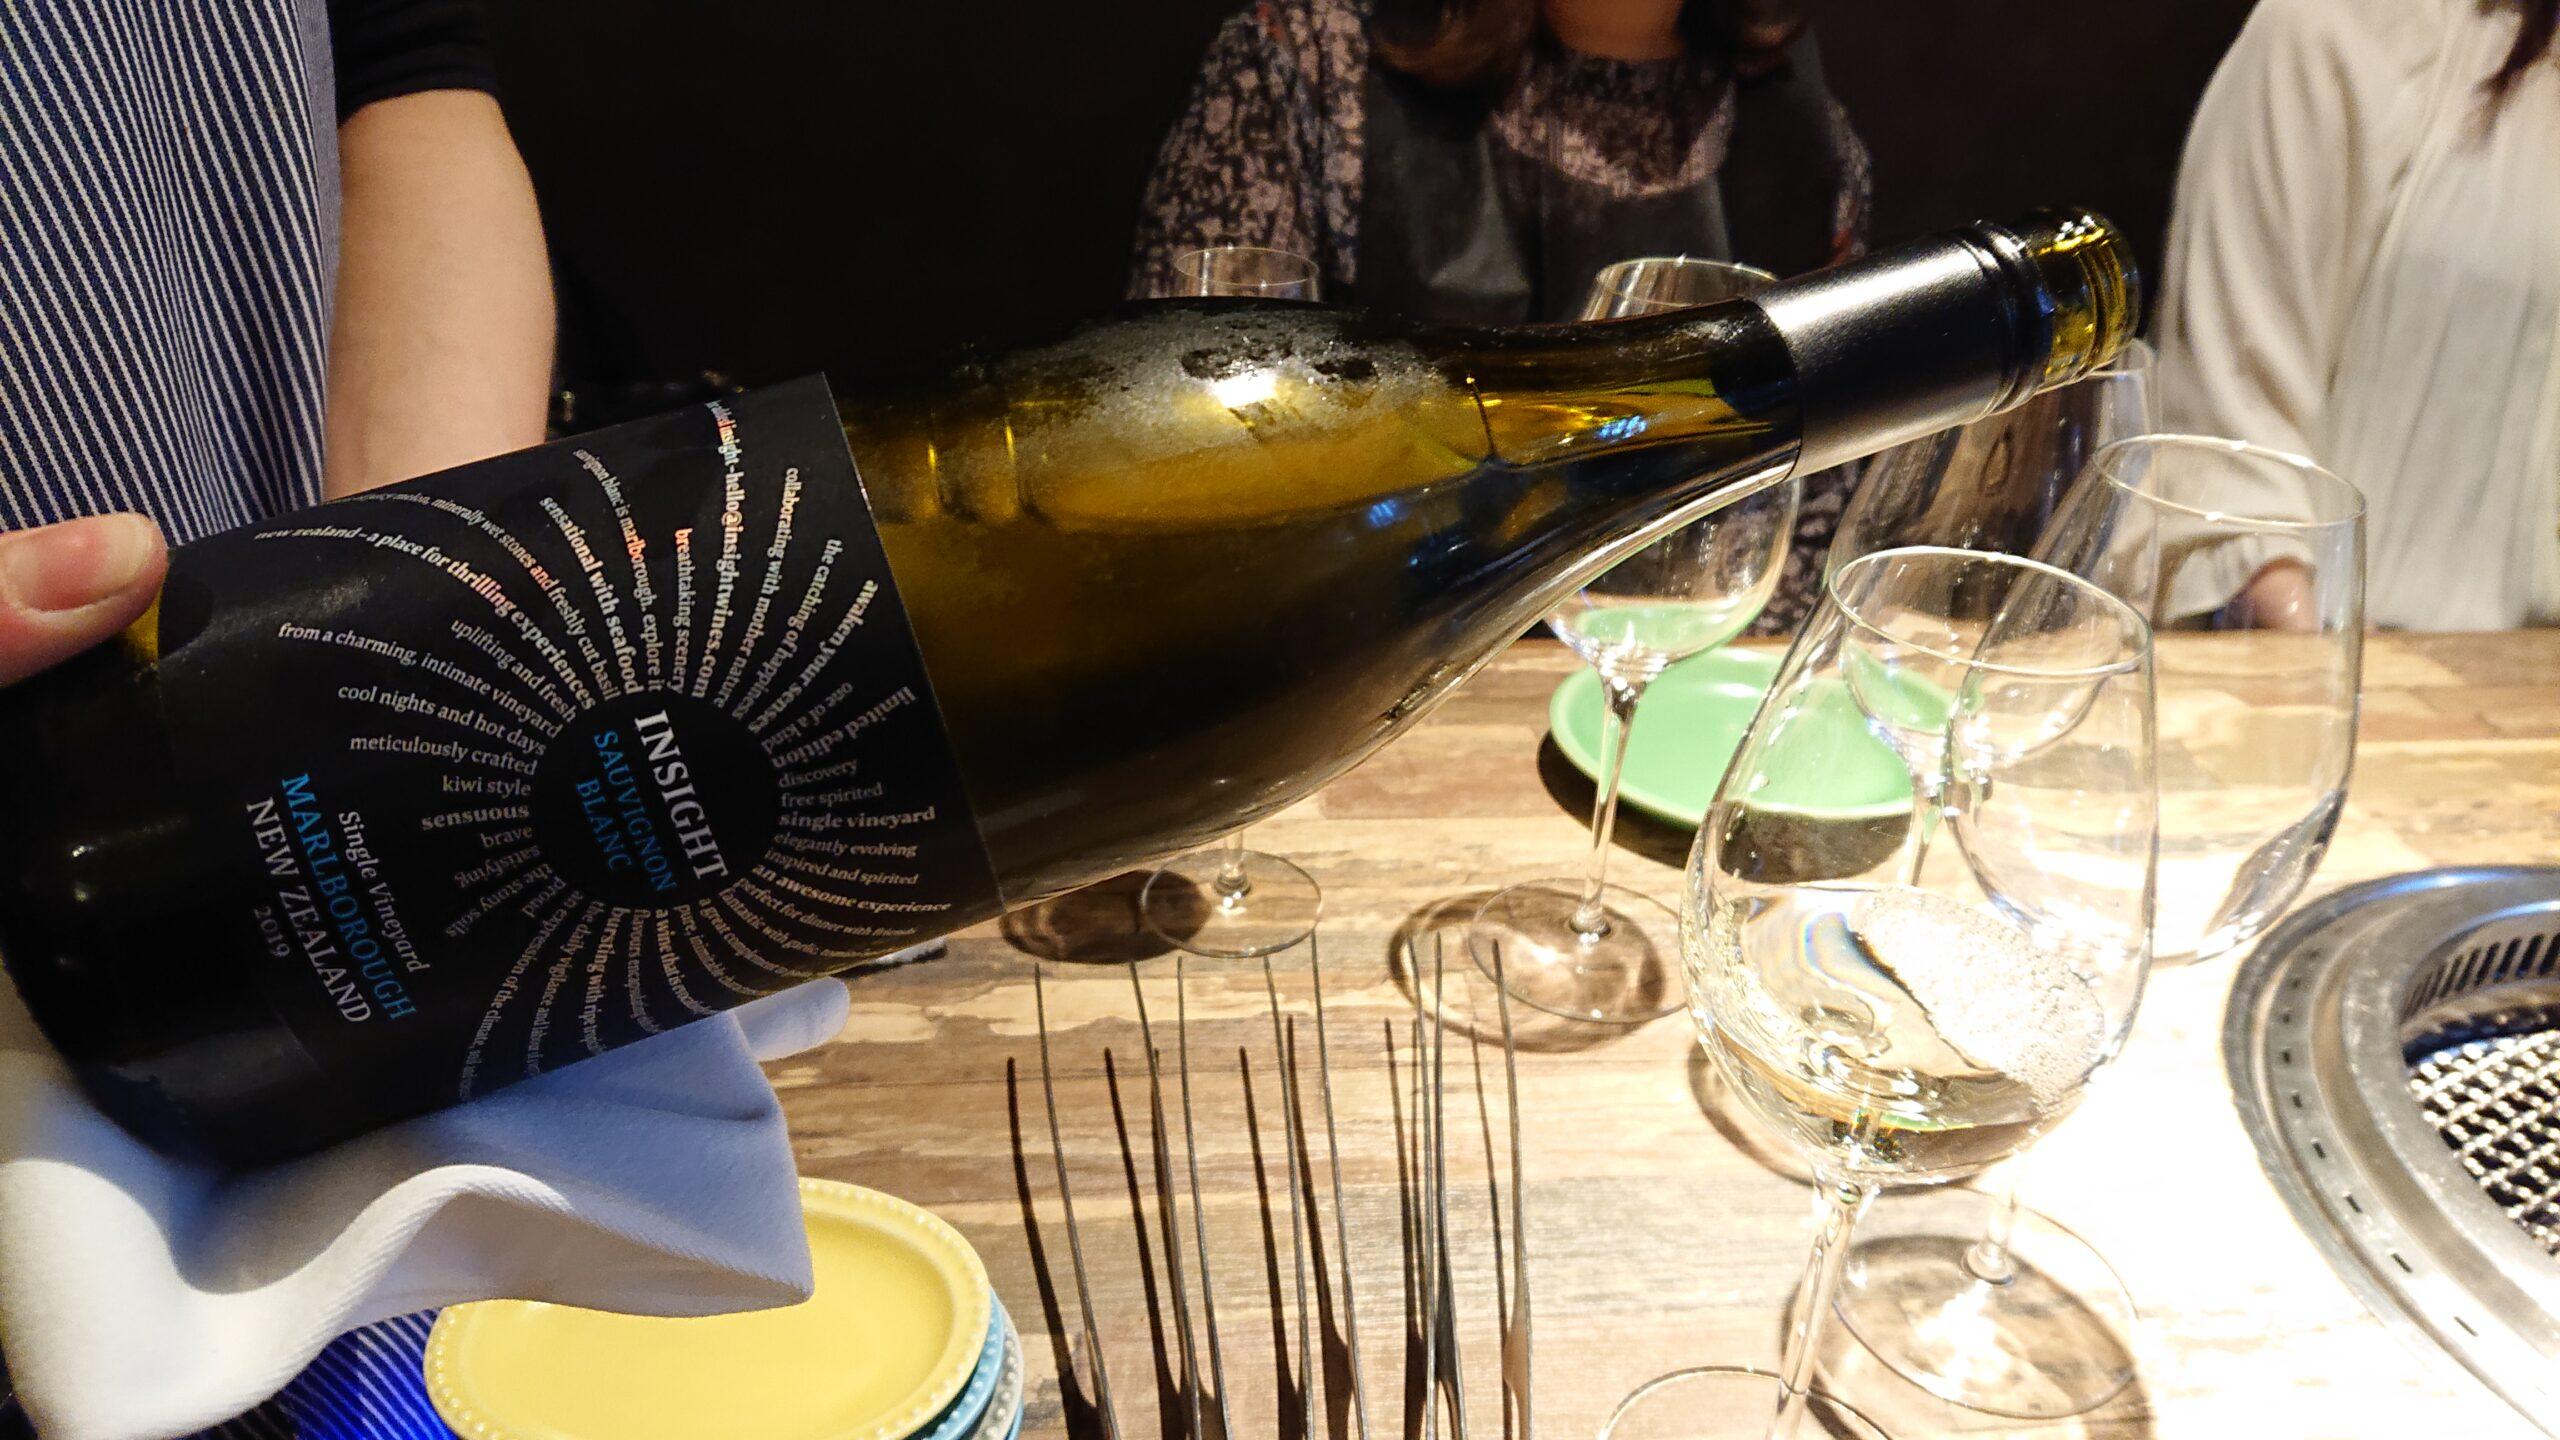 マンツォヴィーノ(MANZOVINO)で白ワインをいただきます。